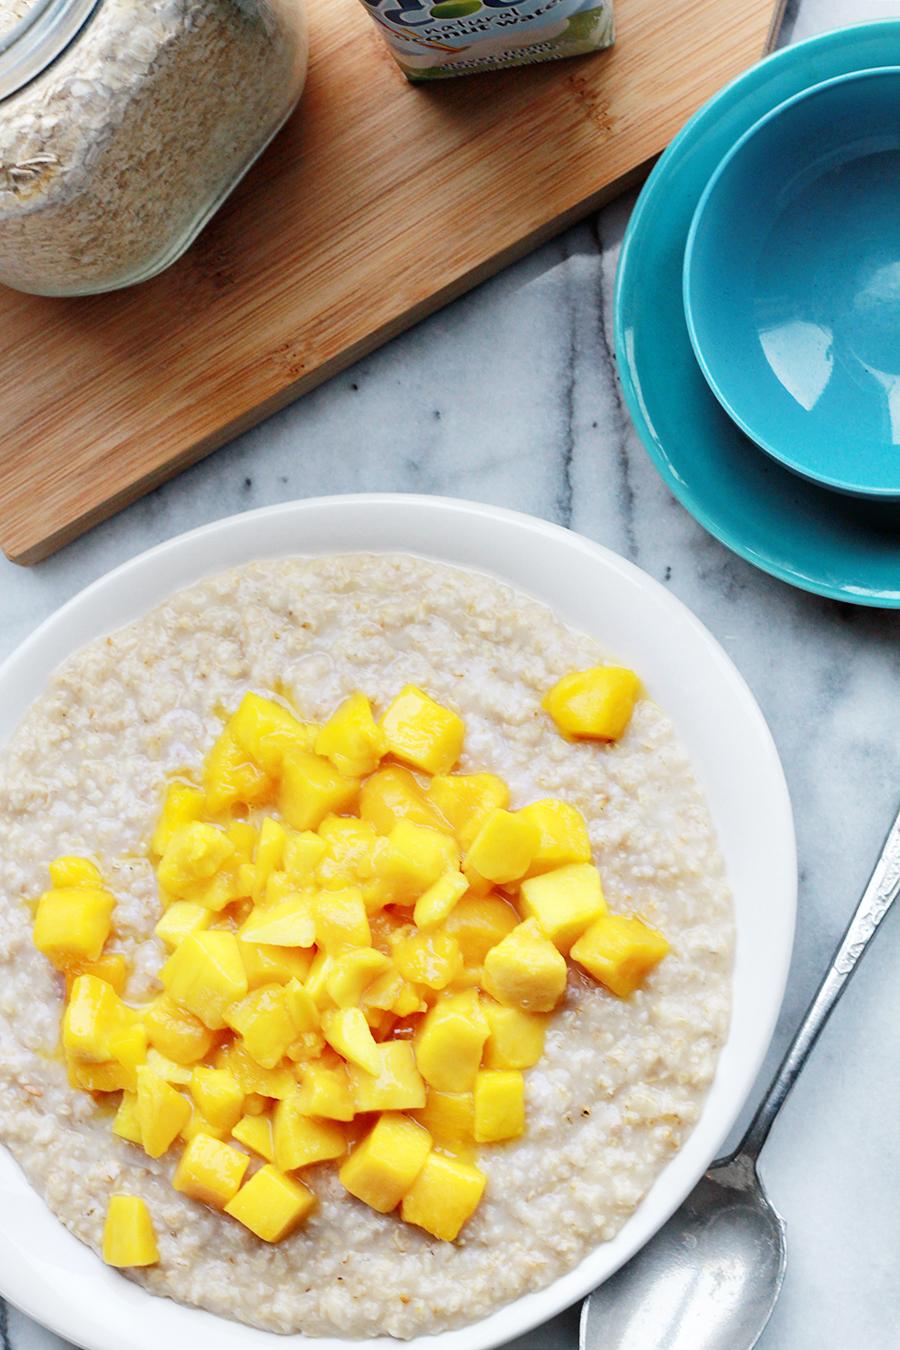 Afbeelding van zoete havermout gezond ontbijt